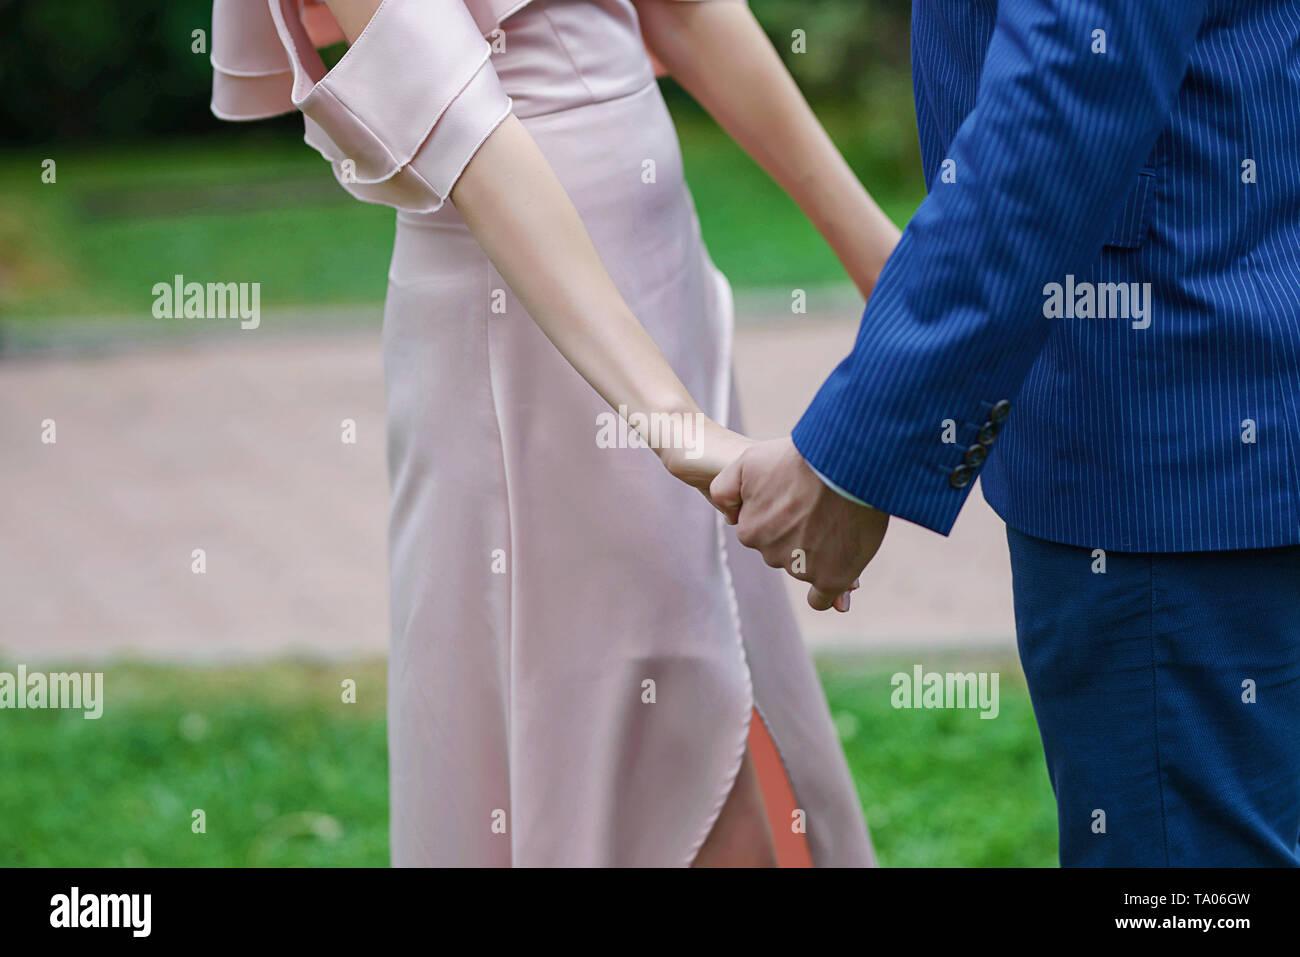 Coppia caucasica, sposa in avorio Abito in raso e lo sposo in blu scuro tuta Holding Hands, con una offuscata, fuori fuoco sfondo Immagini Stock